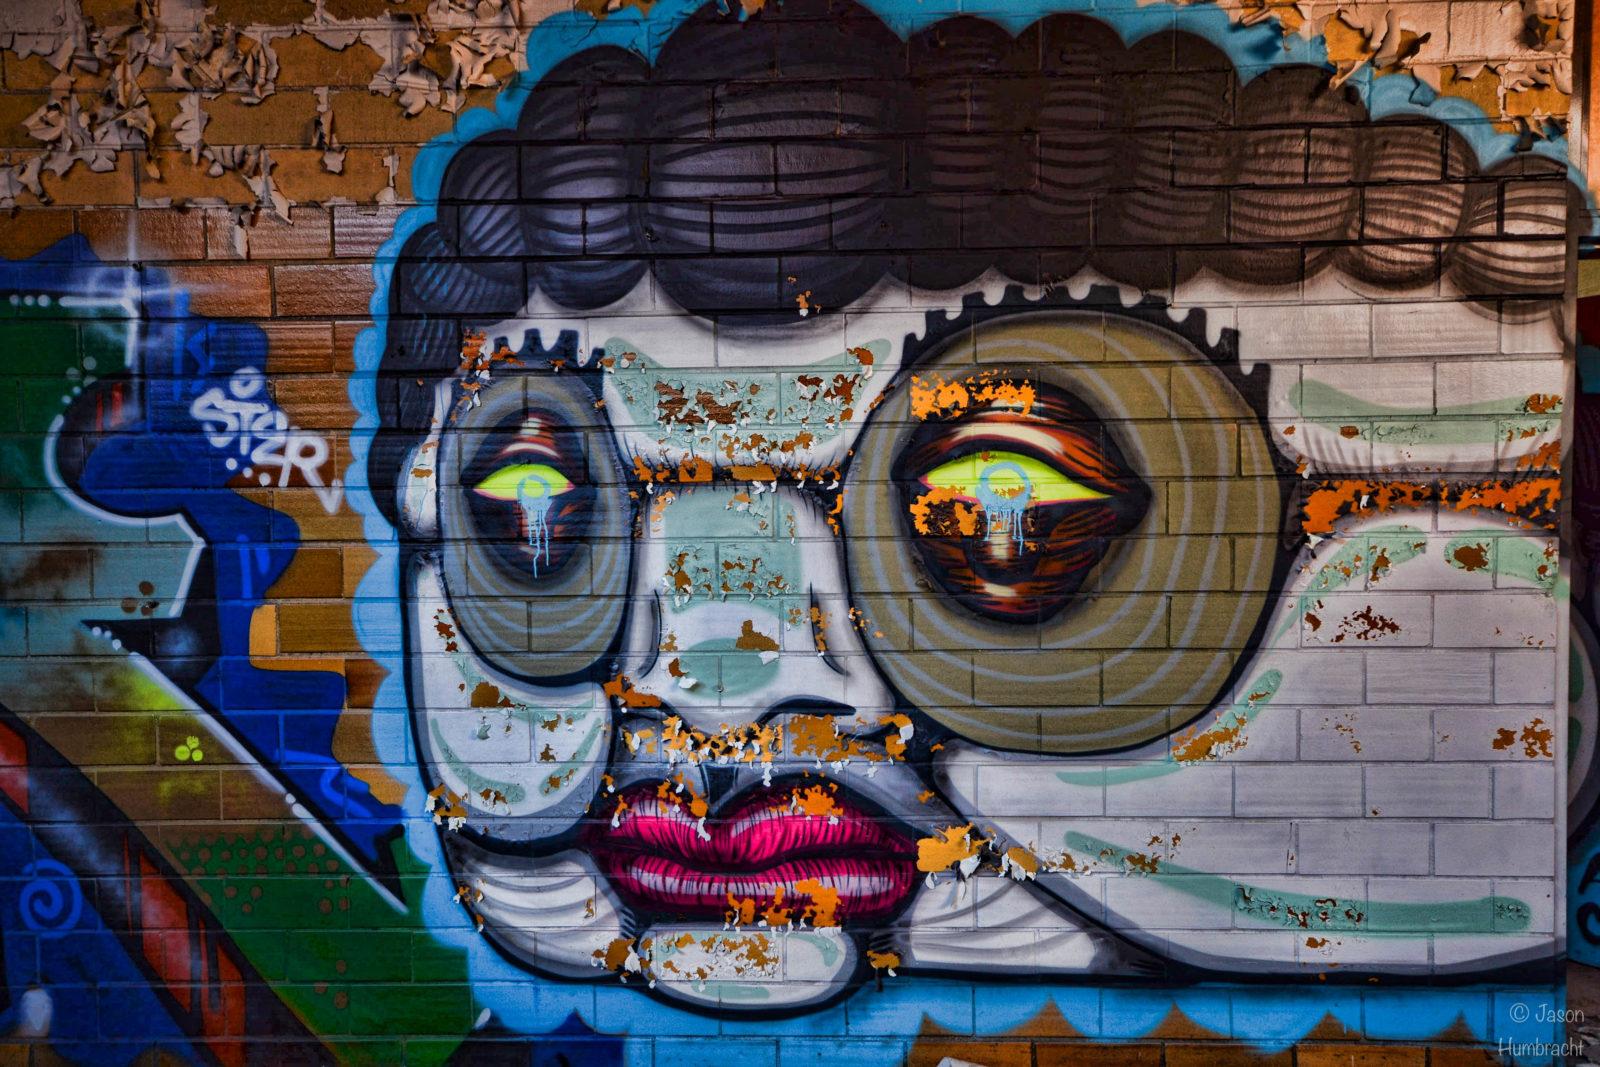 rentreescolaire lycee lieuxabandonnes urbex explorationurbaine radar allurbanmakers highschool amphitheatre jhumbracht graffiti - De la maternelle à la fac, découvrez les plus belles écoles abandonnées !